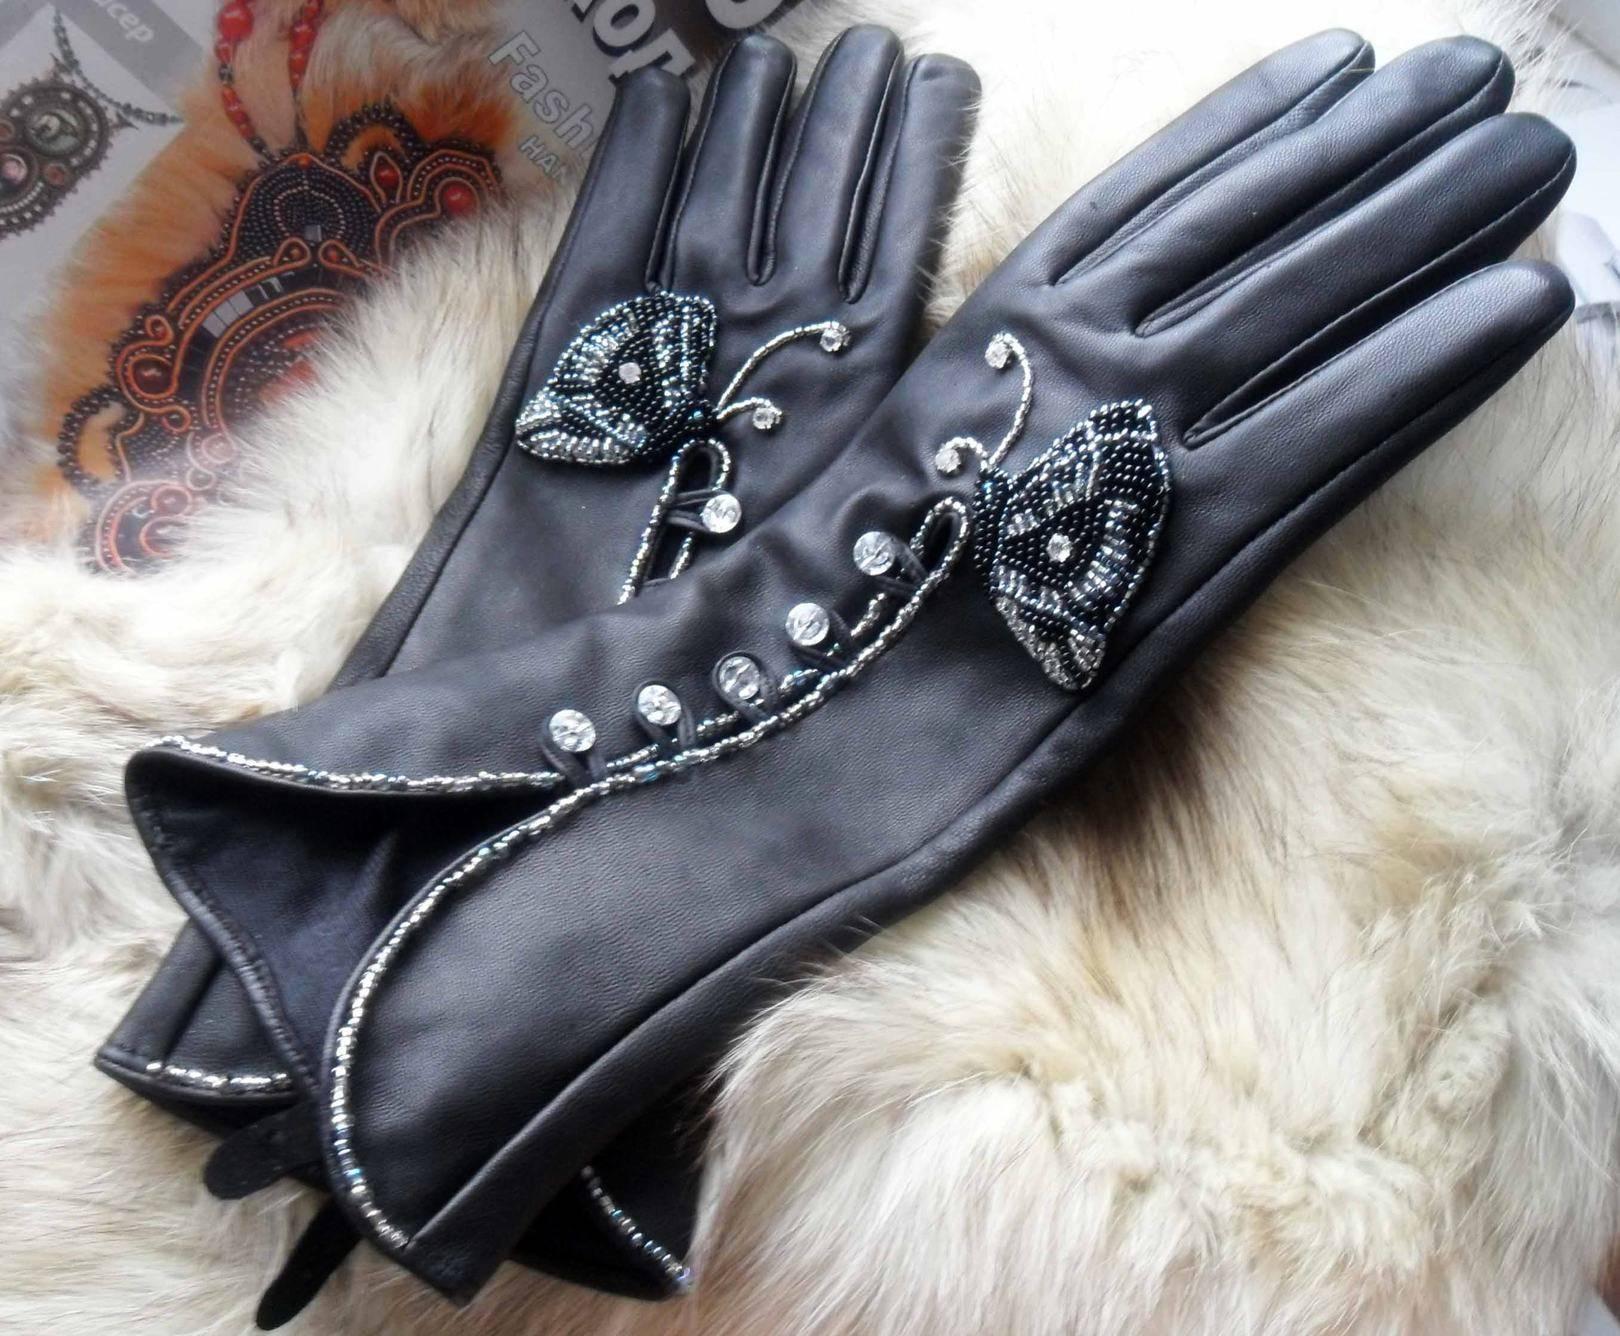 Дизайнерские перчатки, митенки, гловелетты